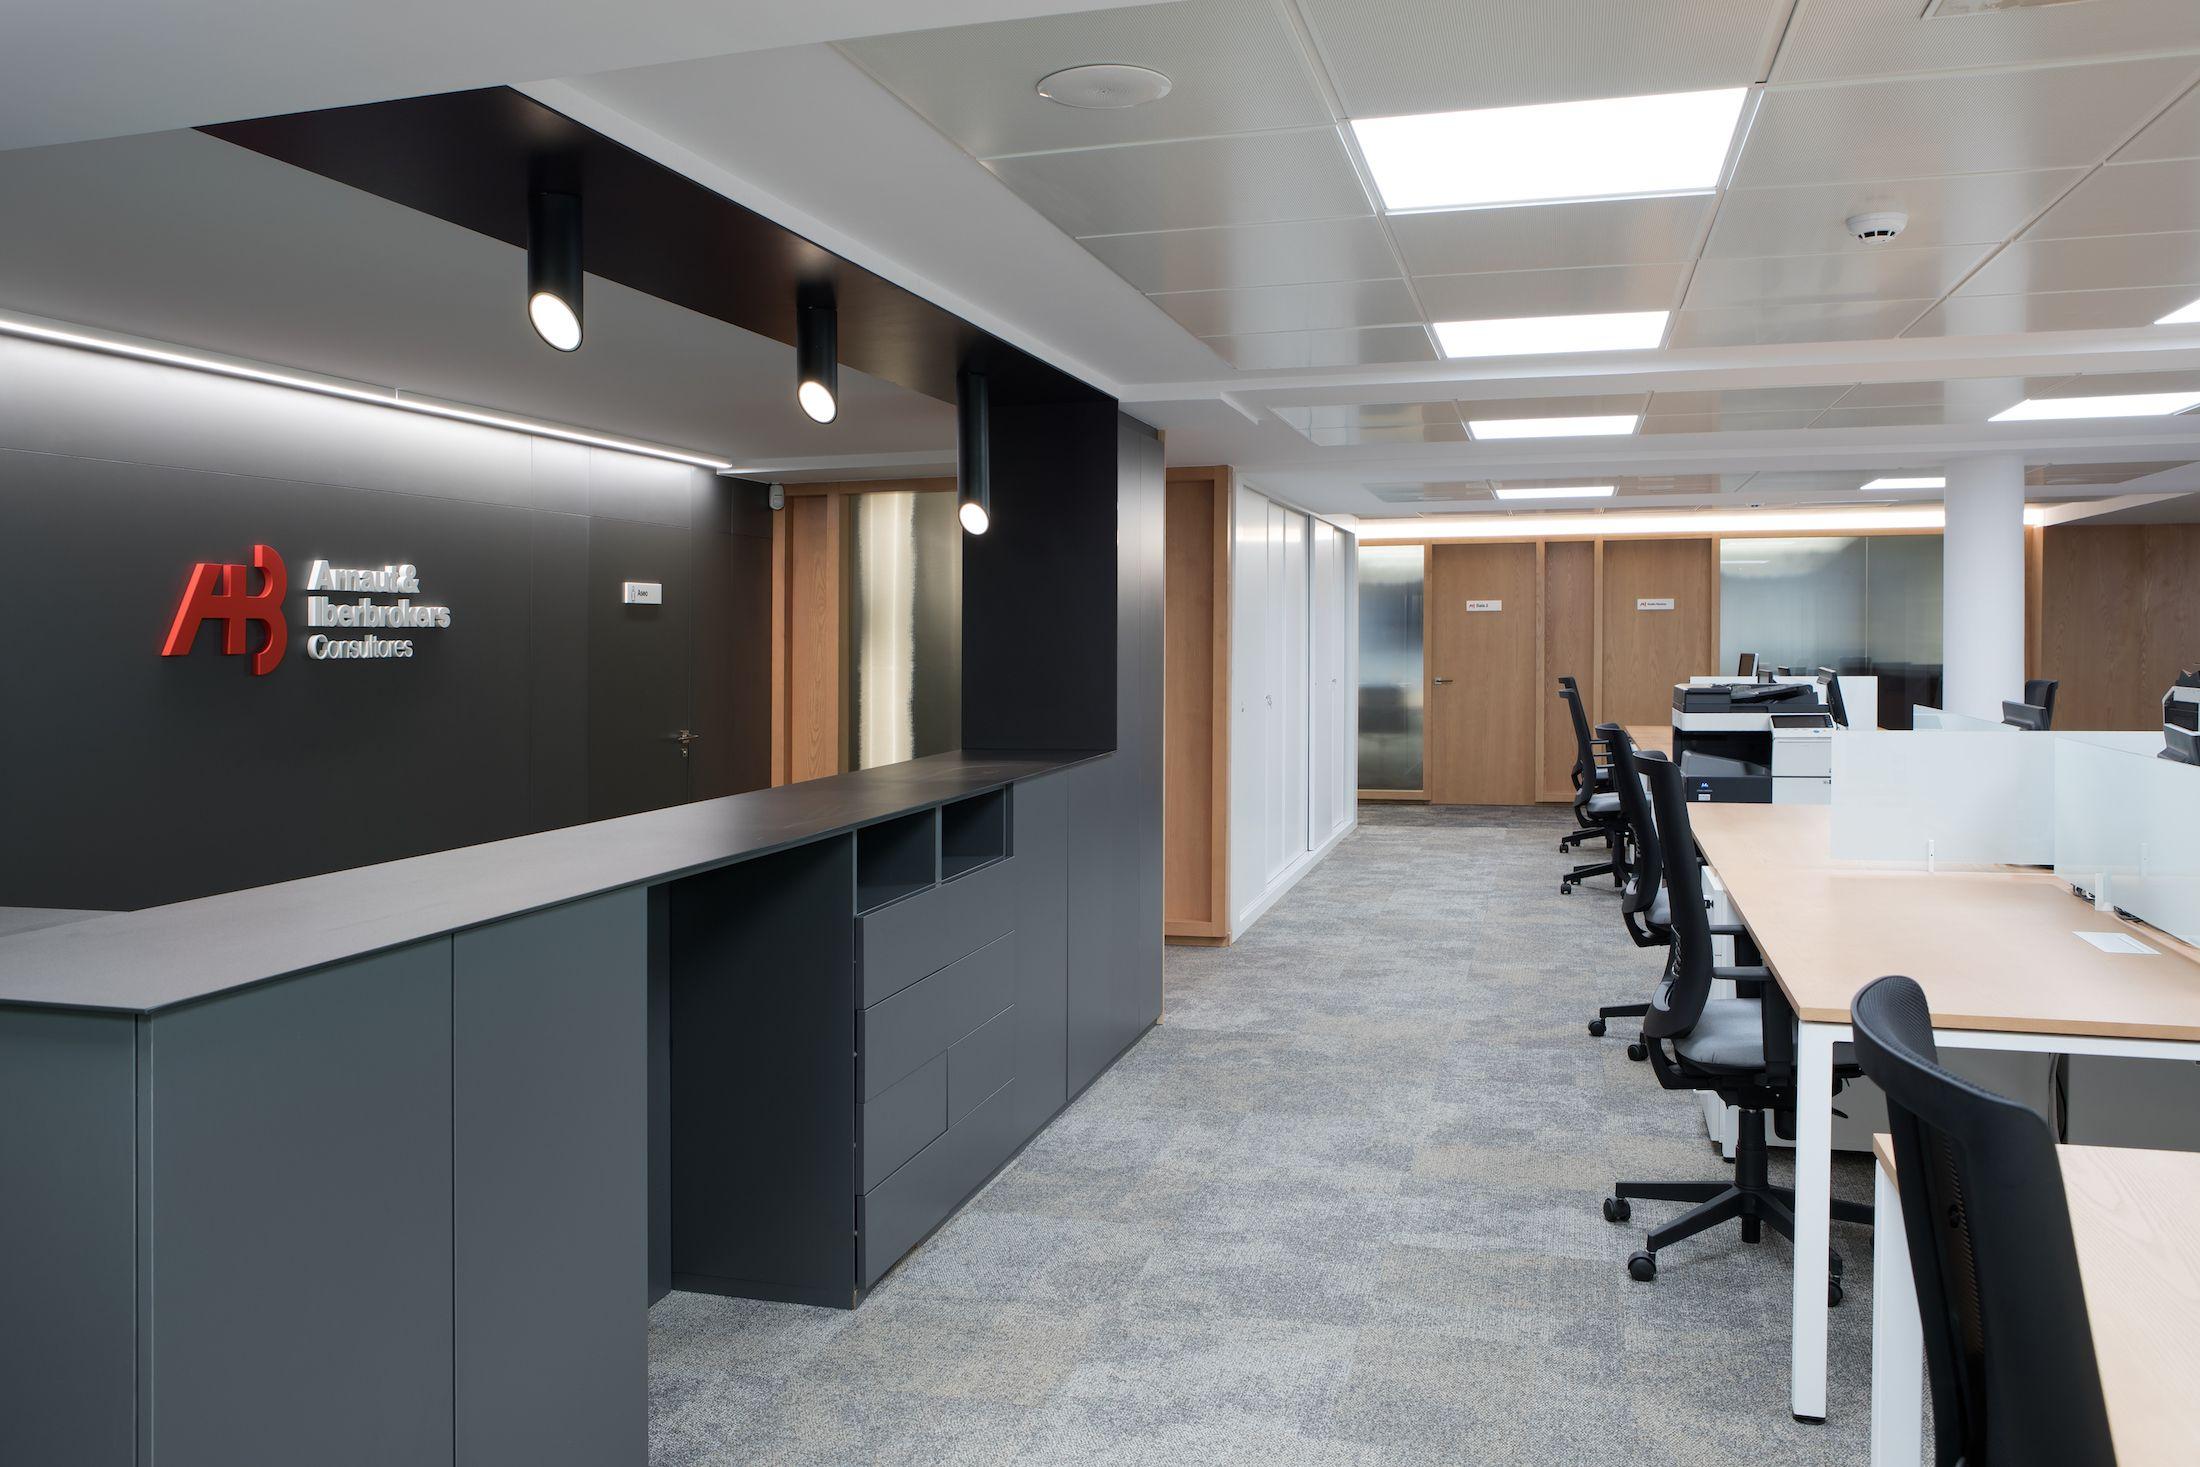 proyectos Diseño integral interiorismo reforma oficinas centrales consultora Arnaut & Iberbrokers   Perspectiva Moma